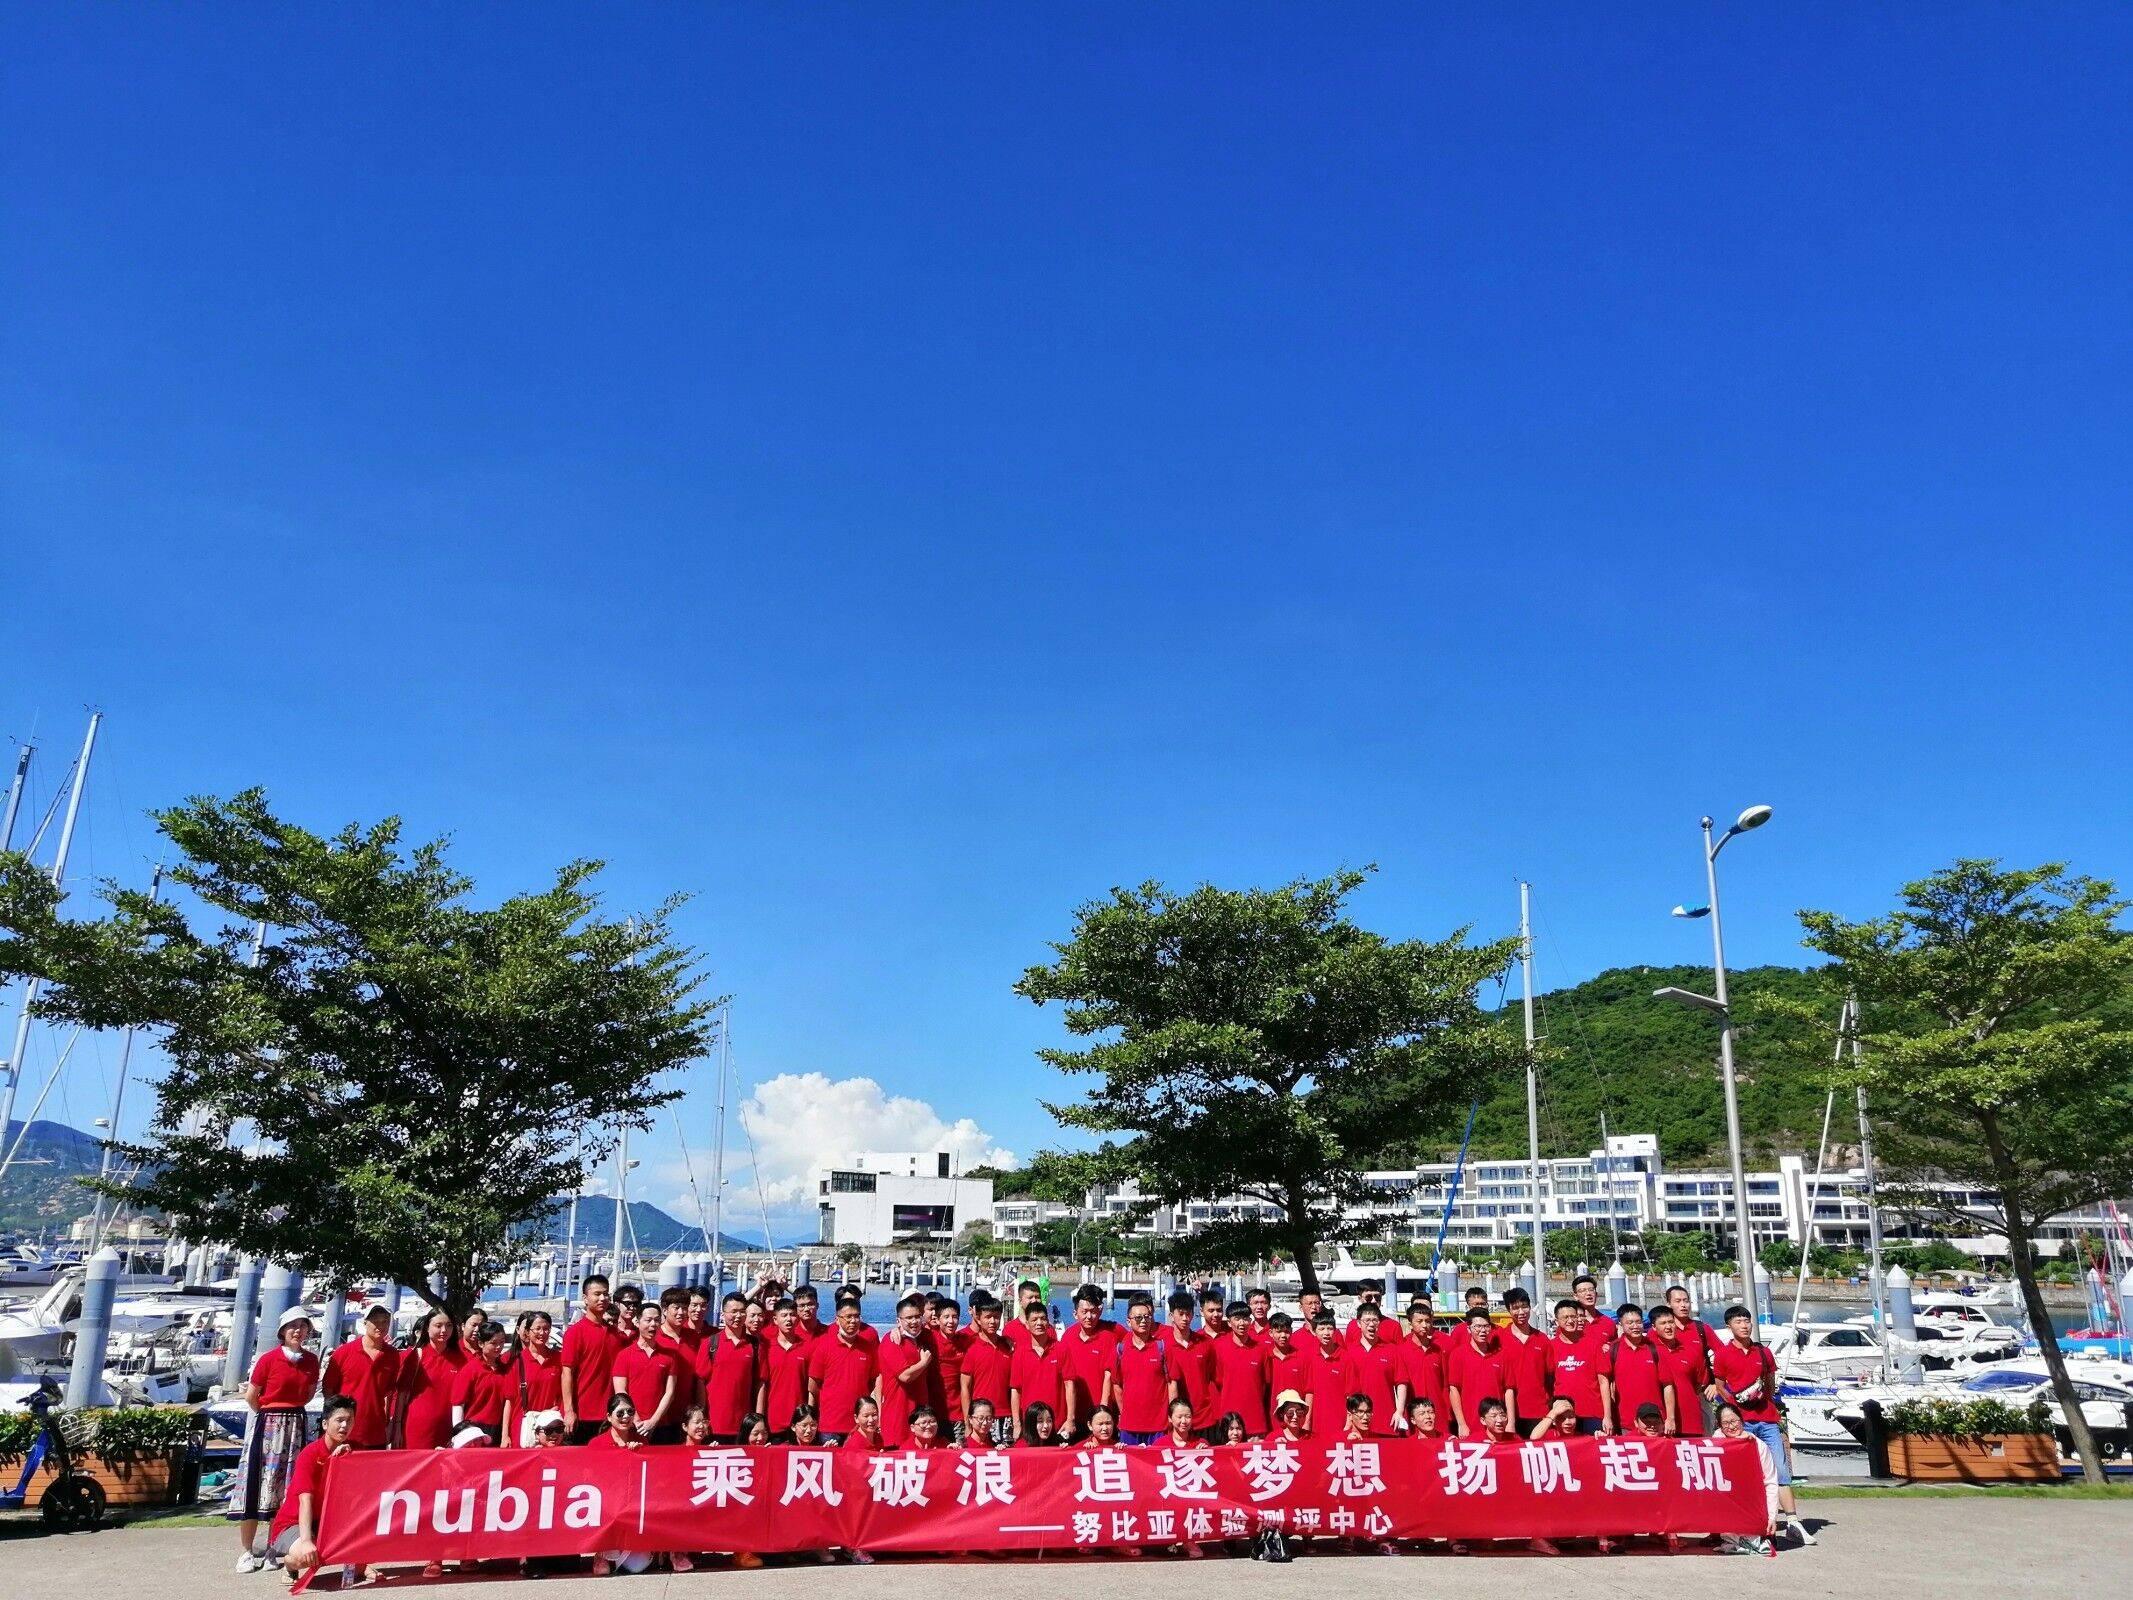 努比亚技术有限公司五五户外大鹏团建一日游